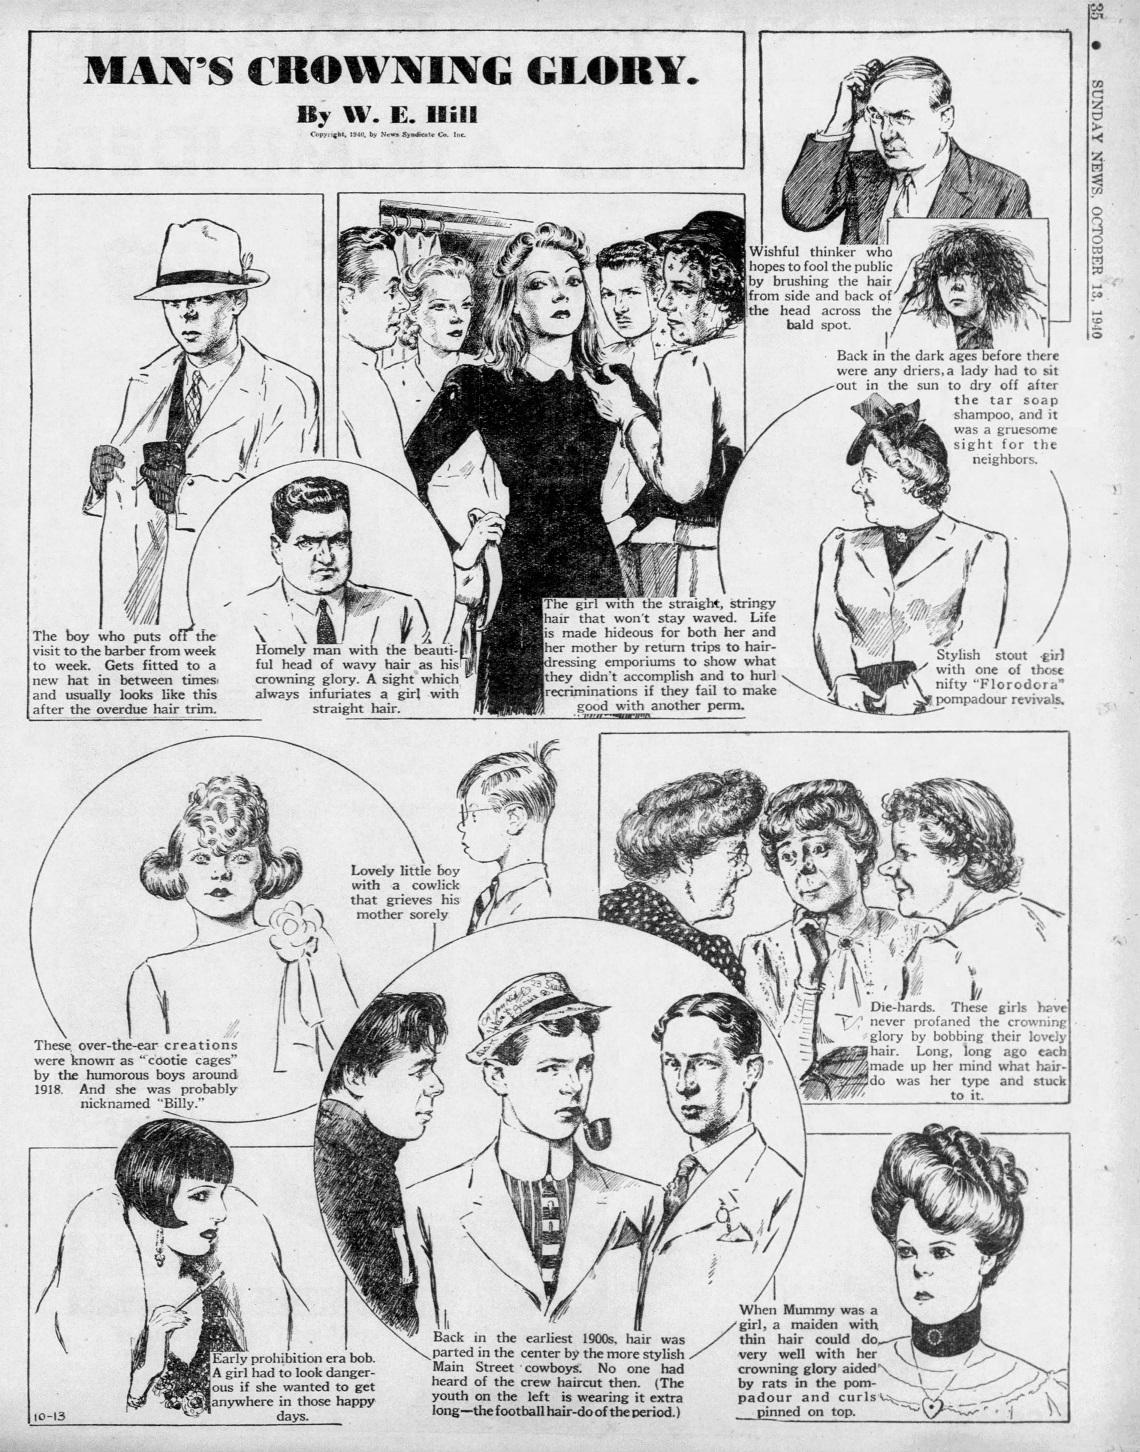 Daily_News_Sun__Oct_13__1940_(2).jpg